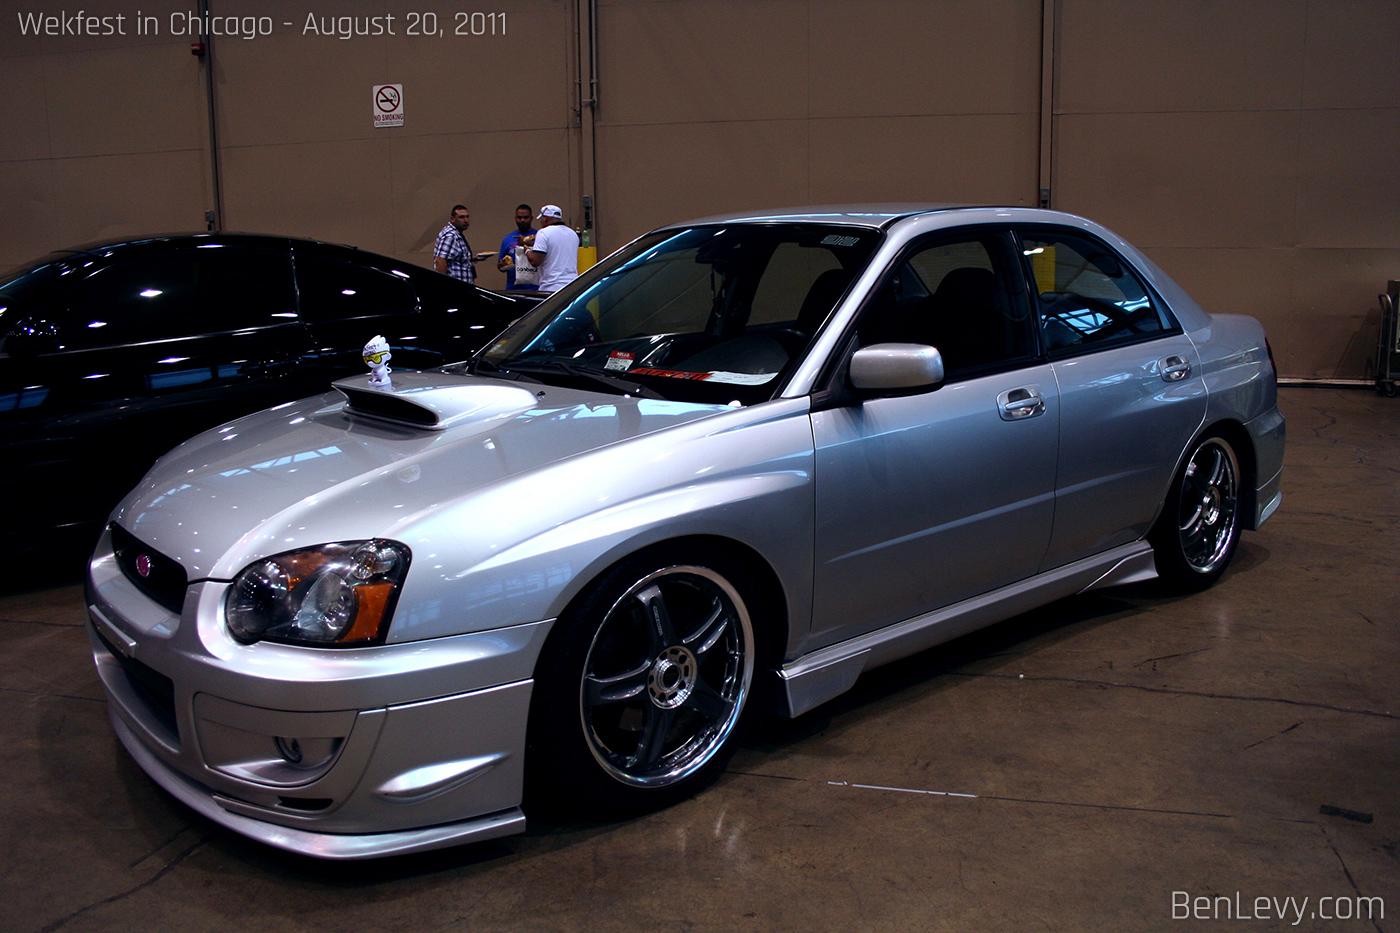 Silver Subaru Wrx Benlevy Com